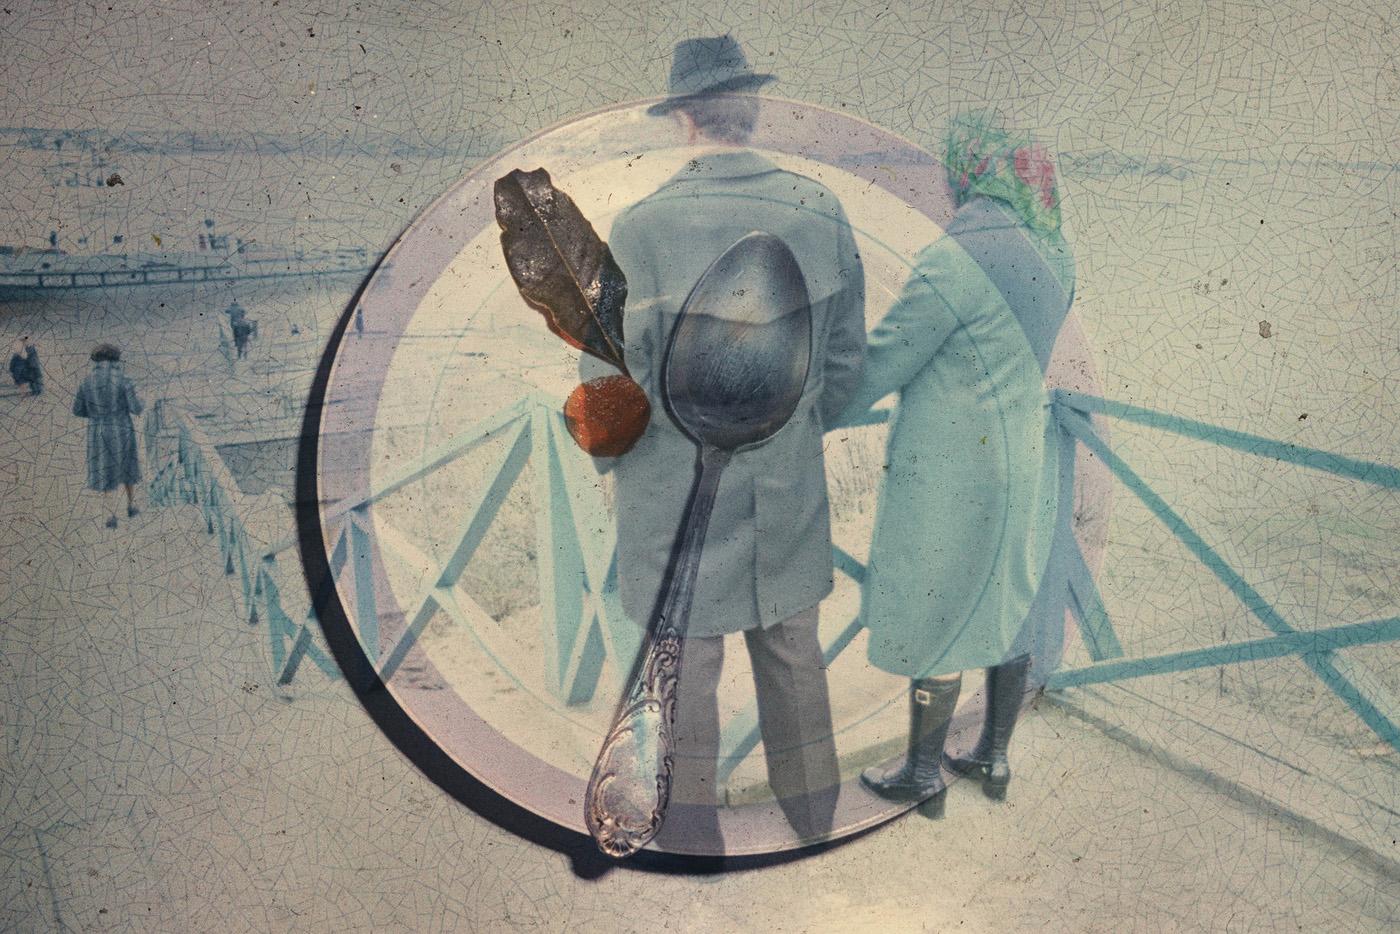 © Boris Mikhailov, Senza titolo, dalla serie Superimpositions, 1968–75.